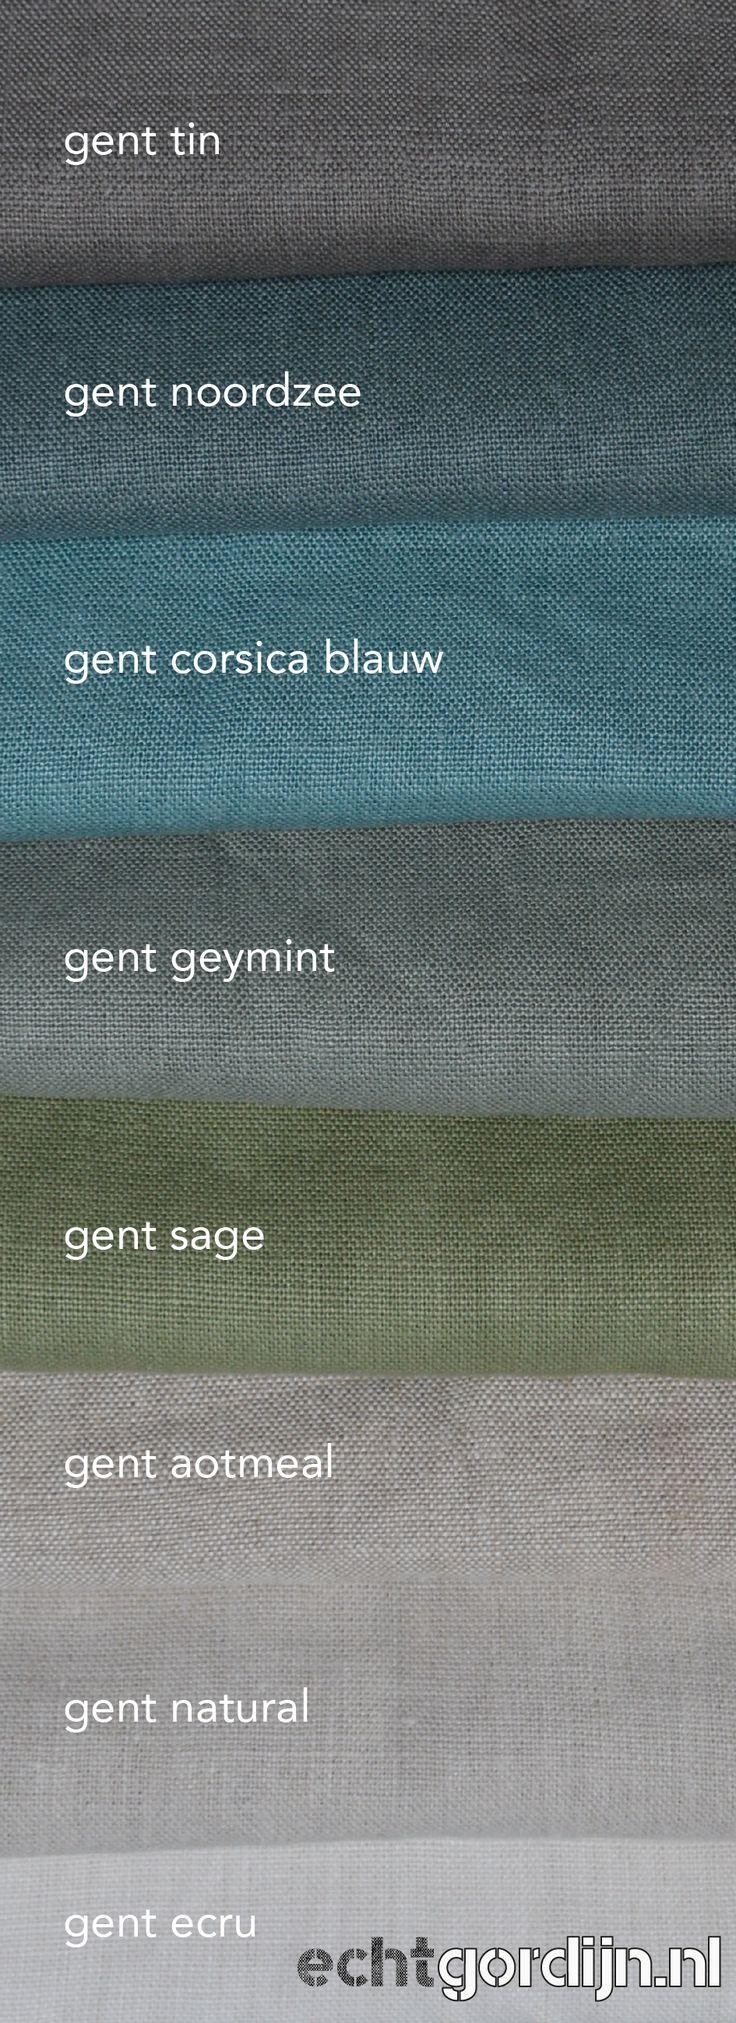 Nieuw | Gent 100% belgisch linnen. 8 kleuren | 400 gr/m2 | zwaar statig industrieel stoer klassiek! Vraag gratis stalen aan. Wij maken je gordijn helemaal op maat. https://www.echtgordijn.nl/home/